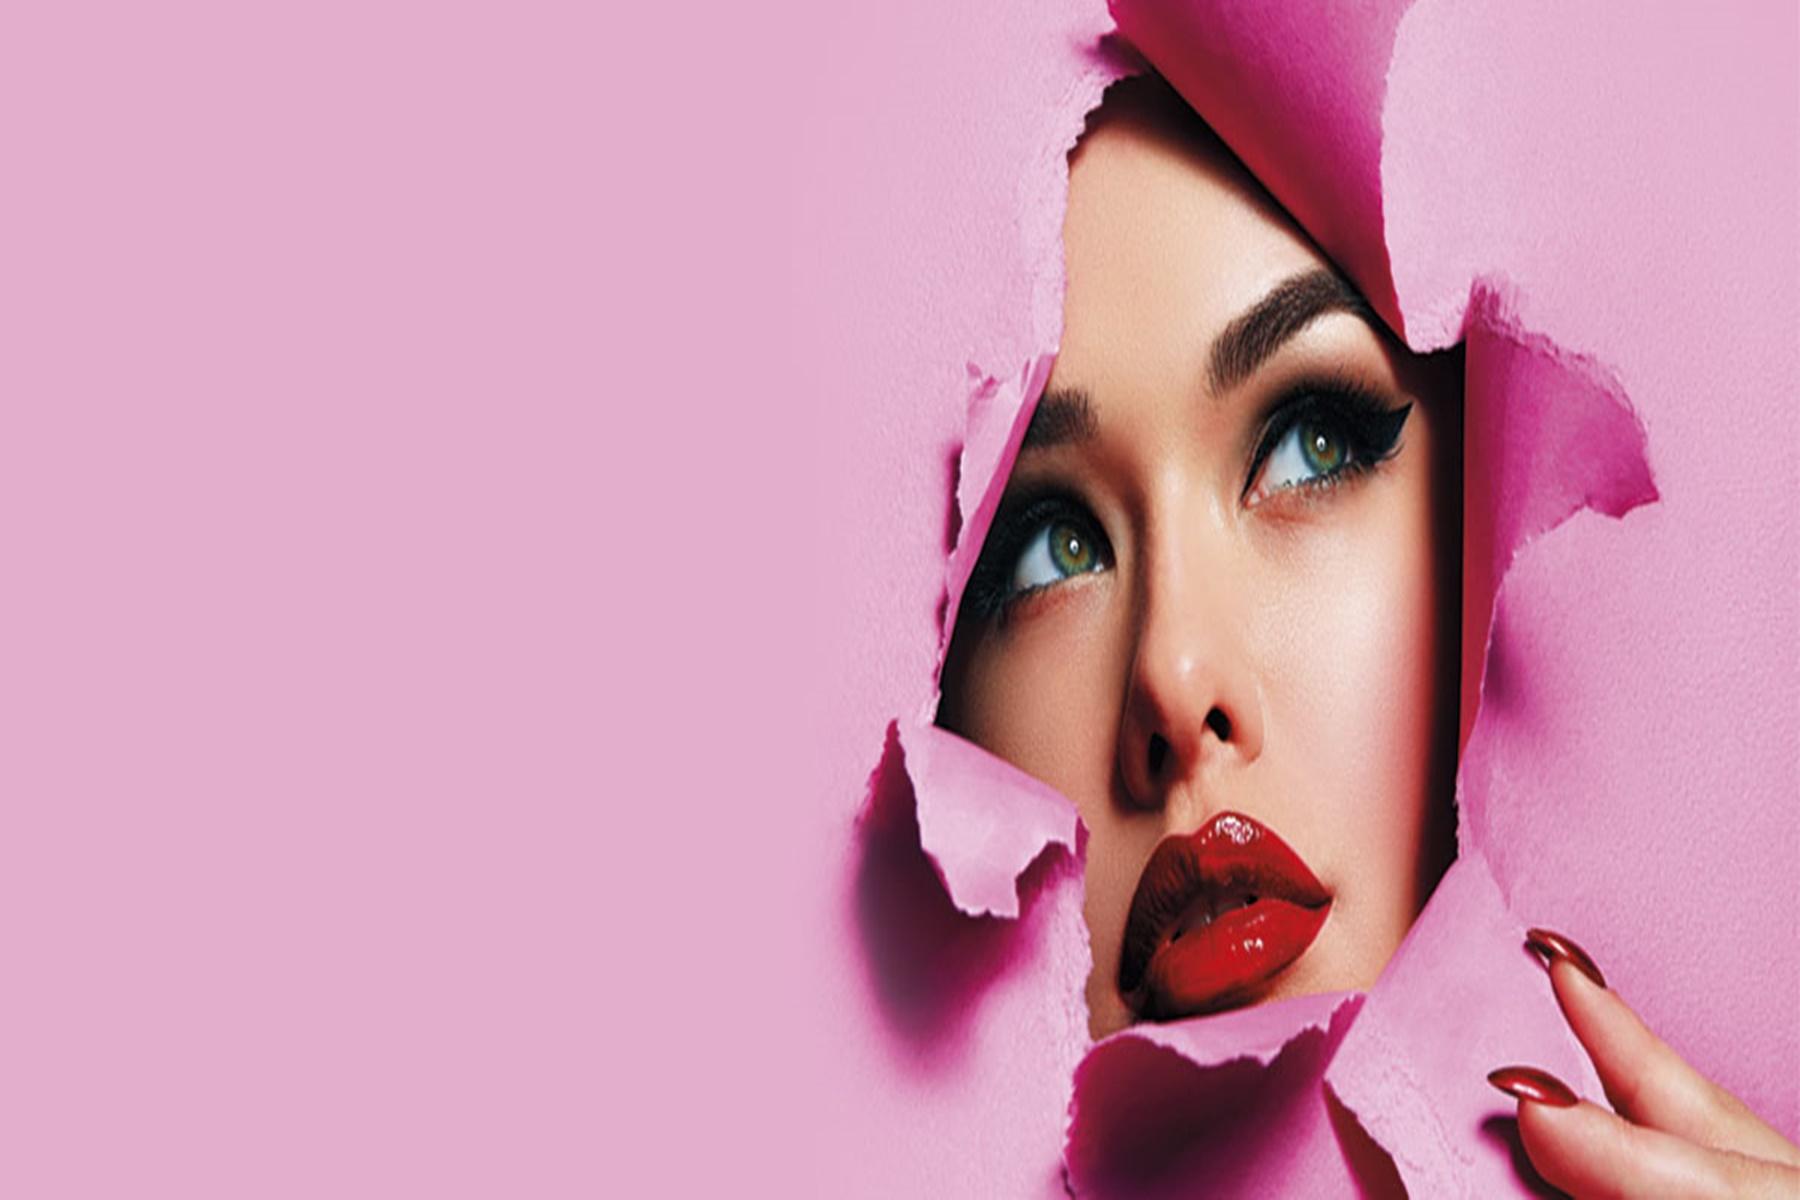 ΟΜΟΡΦΙΑ: 6 + 1 tips για να είσαι όμορφη παντα